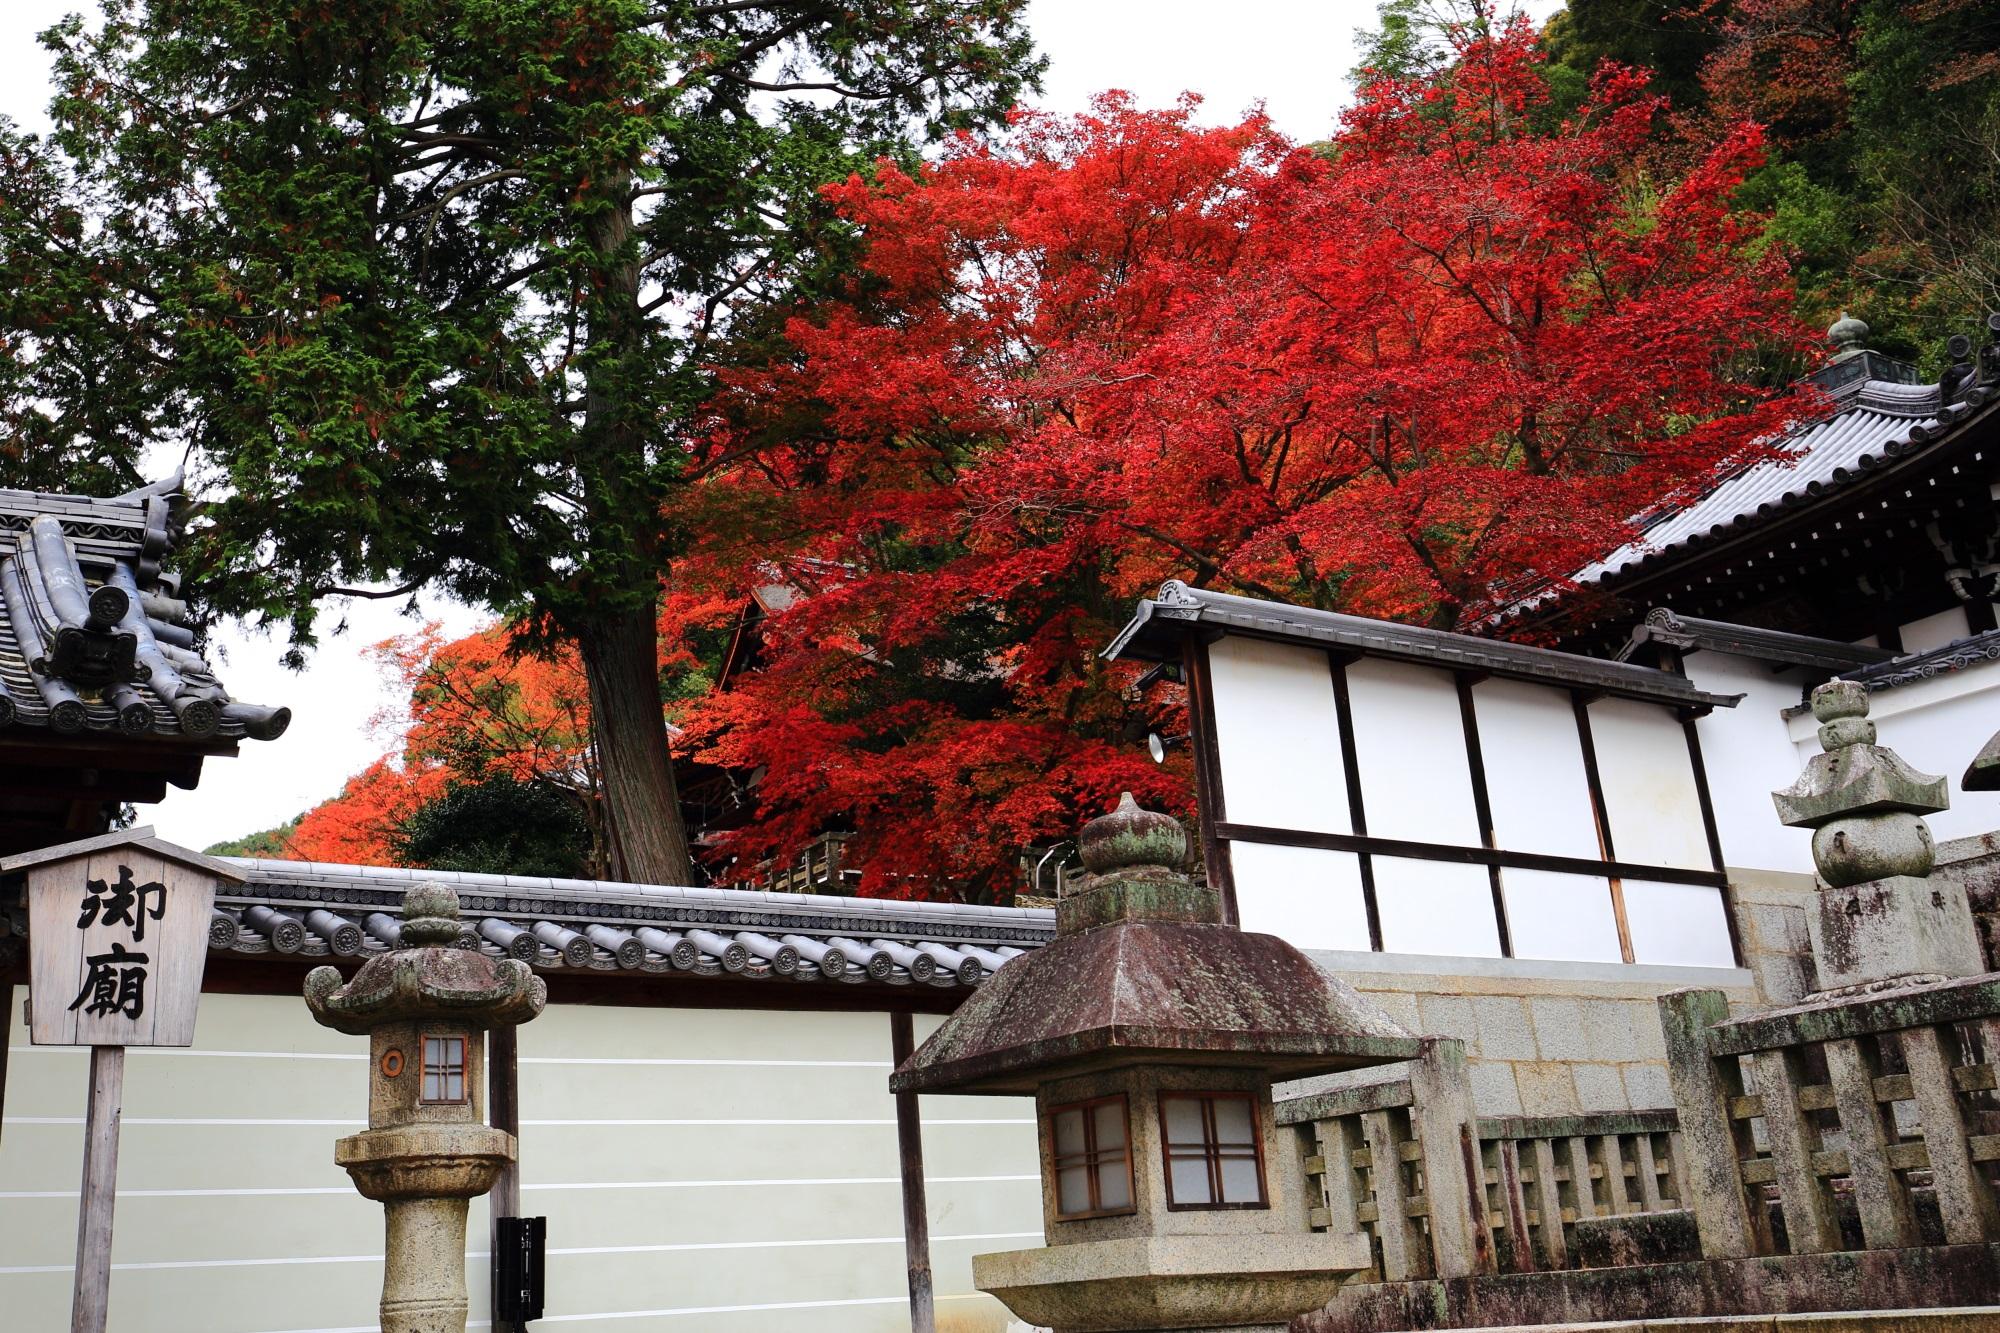 知恩院御廟の燃え上がるような真っ赤な紅葉